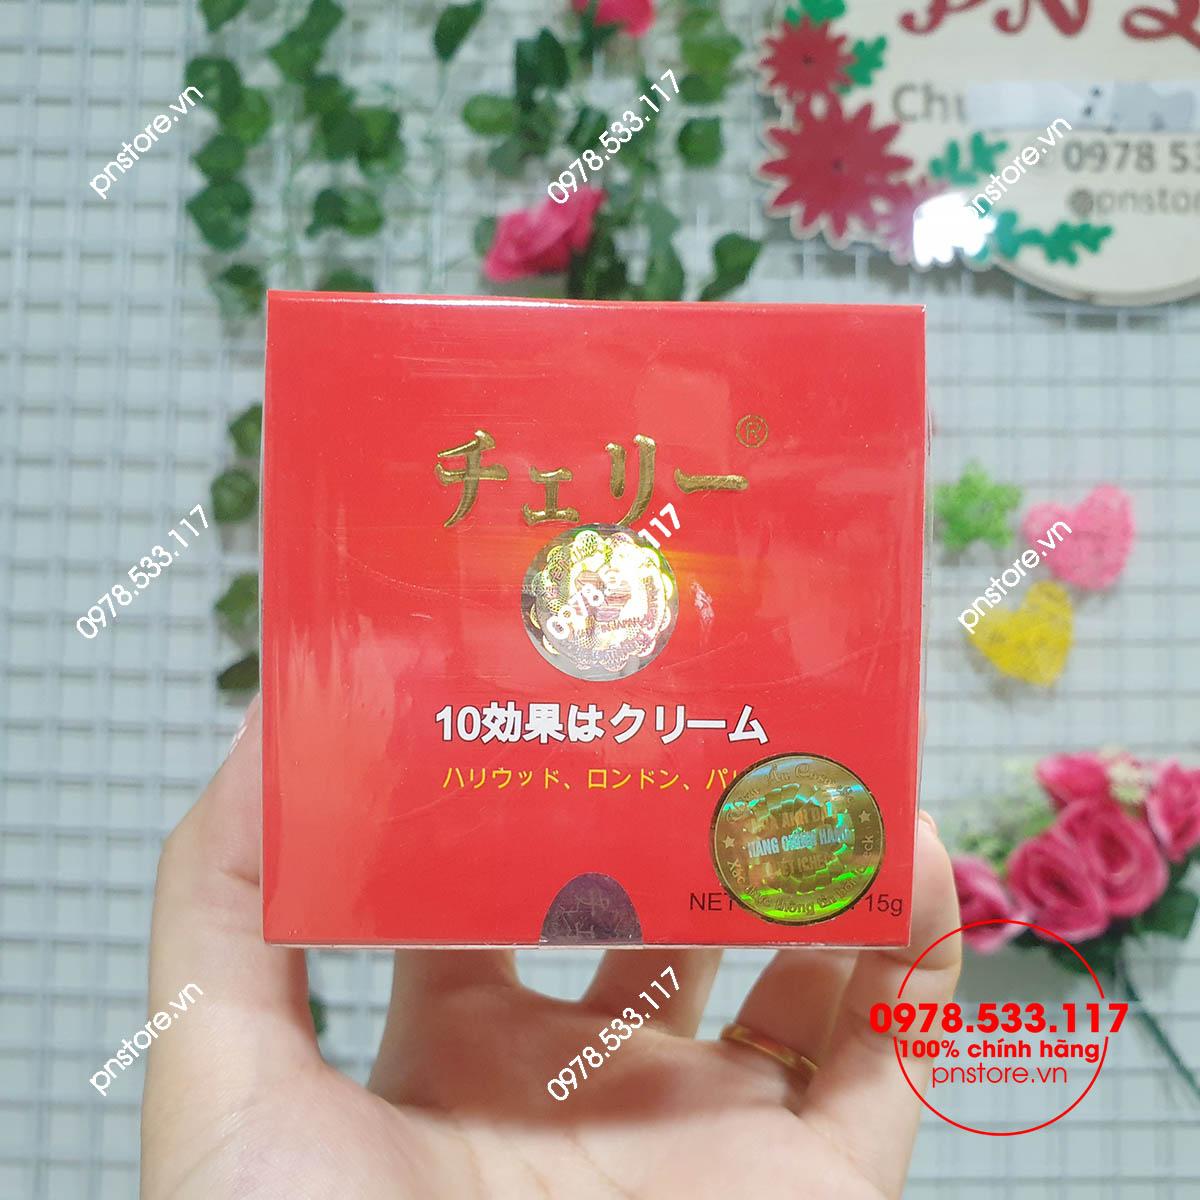 Kem dưỡng trắng da Hoa Anh Đào 10 tác dụng chính hãng (Nhật Bản)